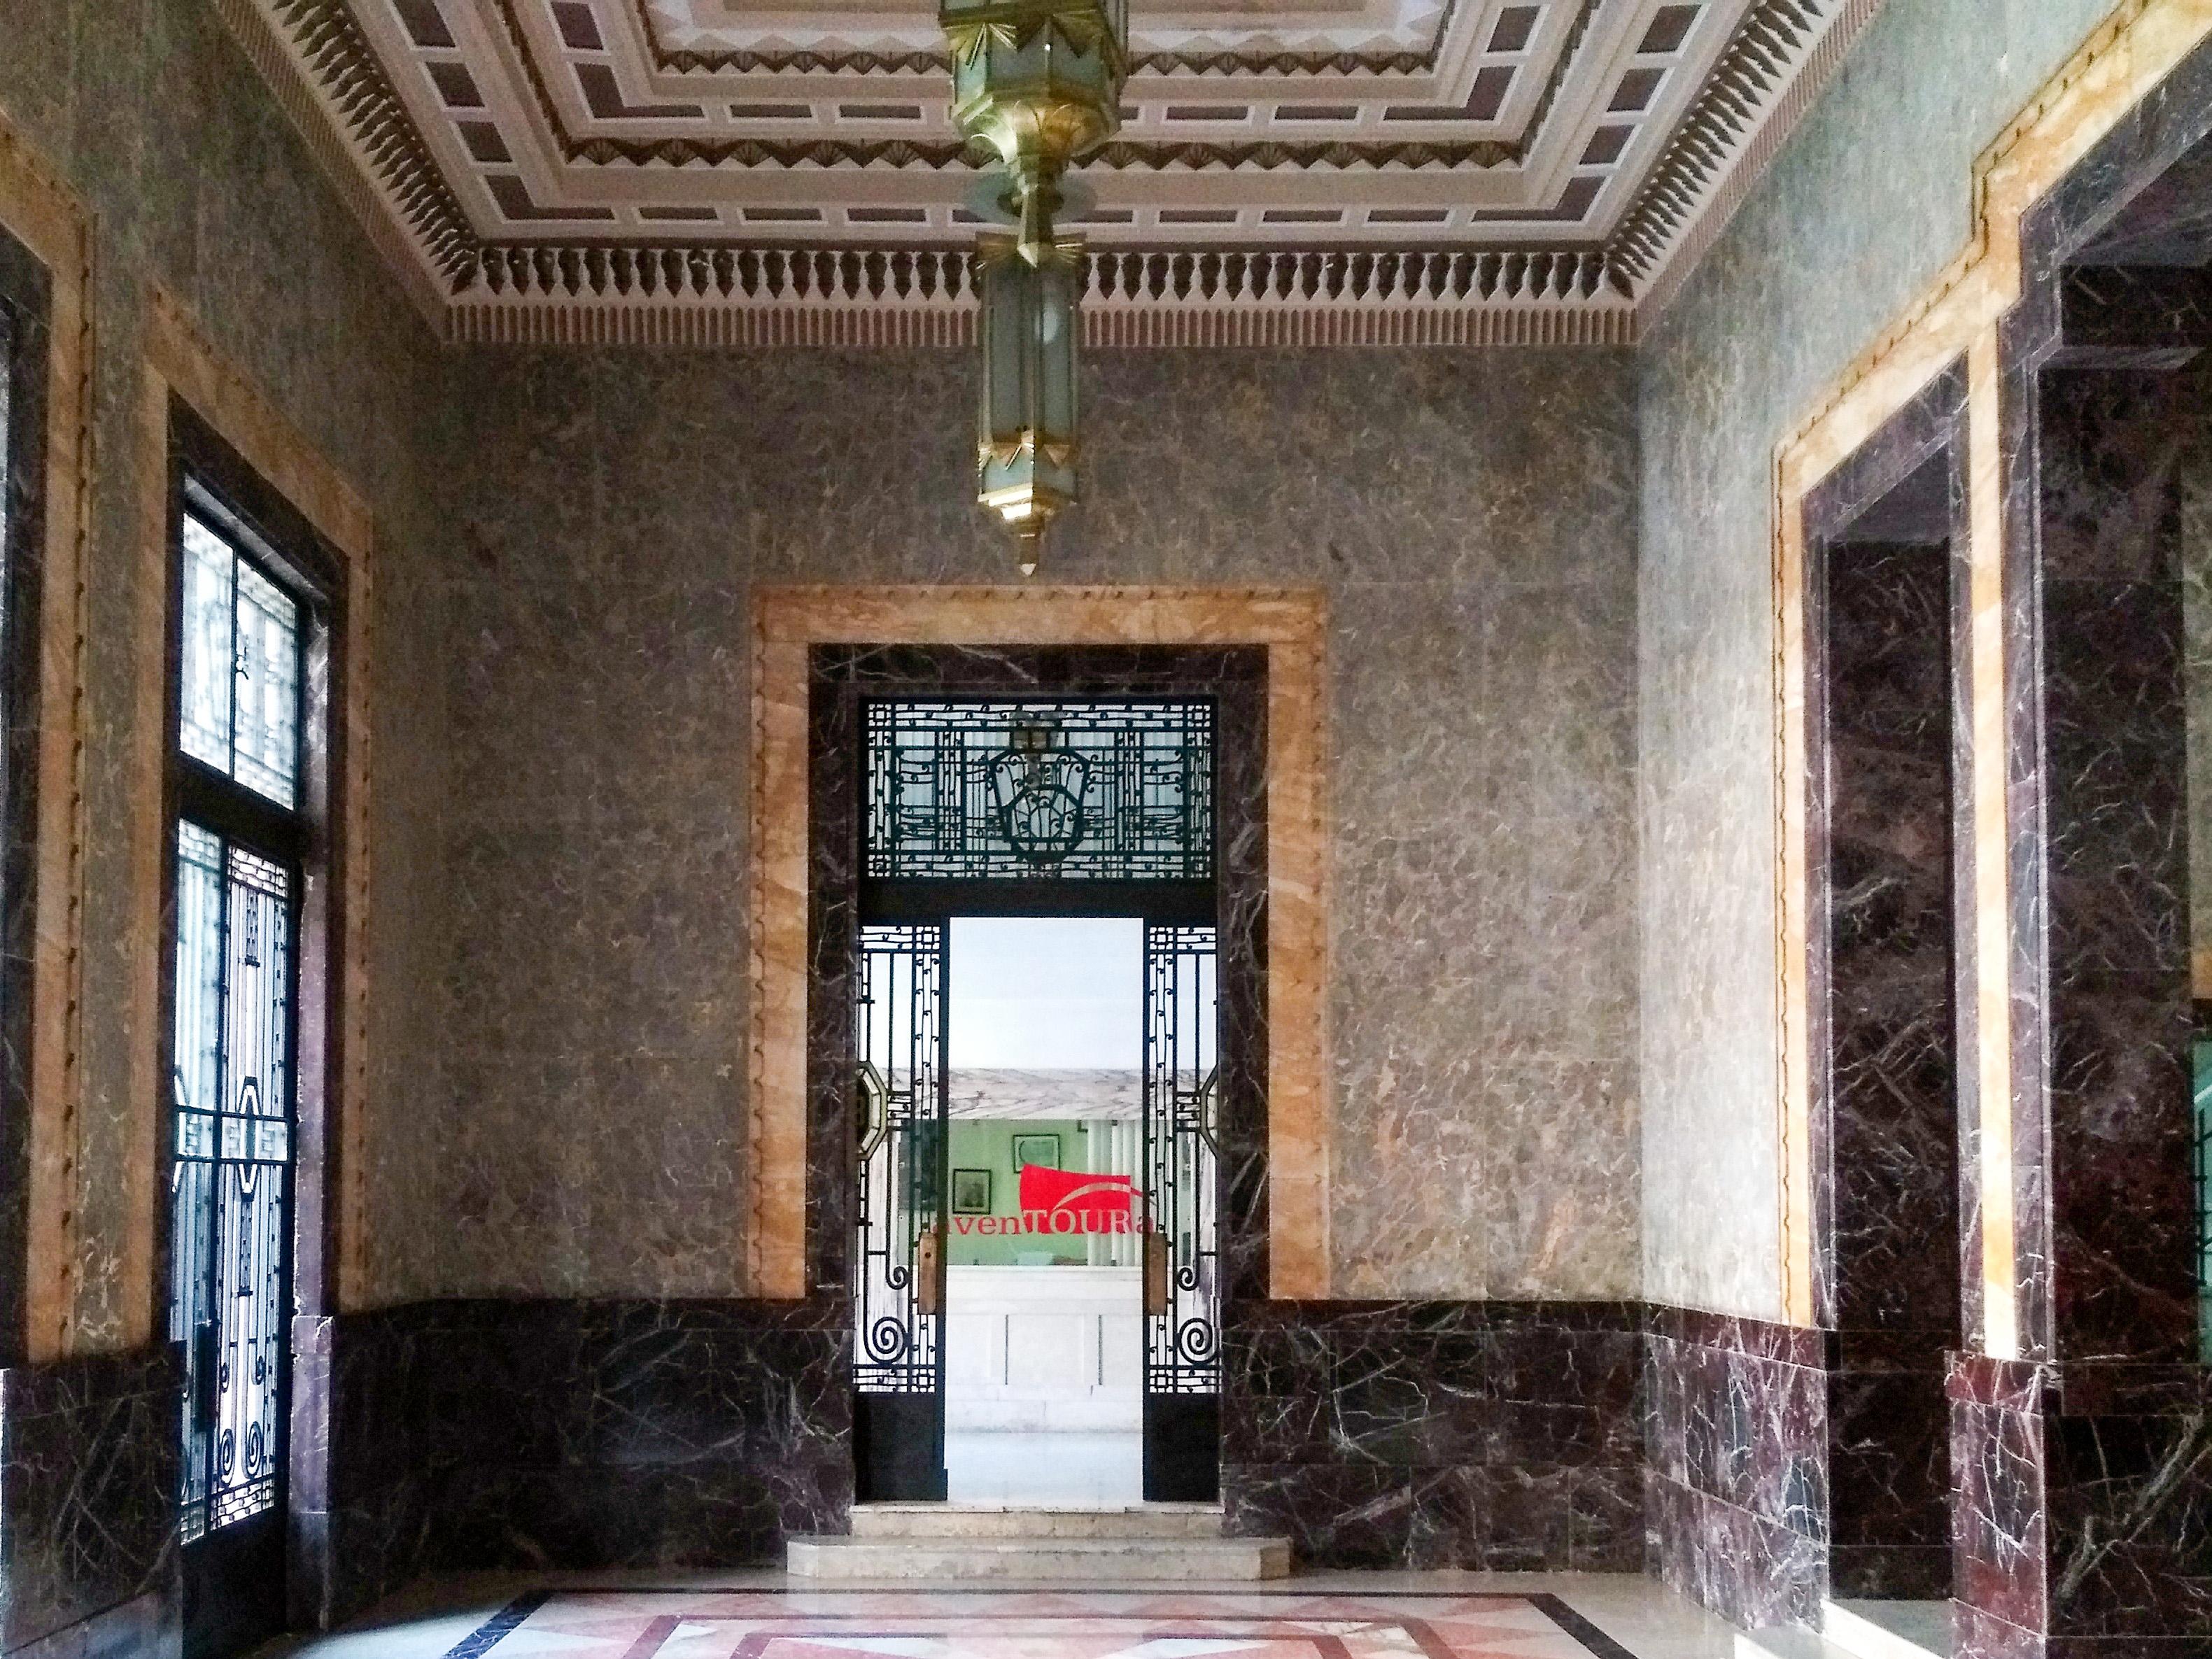 Edificio Bacard 237 Havana Cuba Attractions Lonely Planet